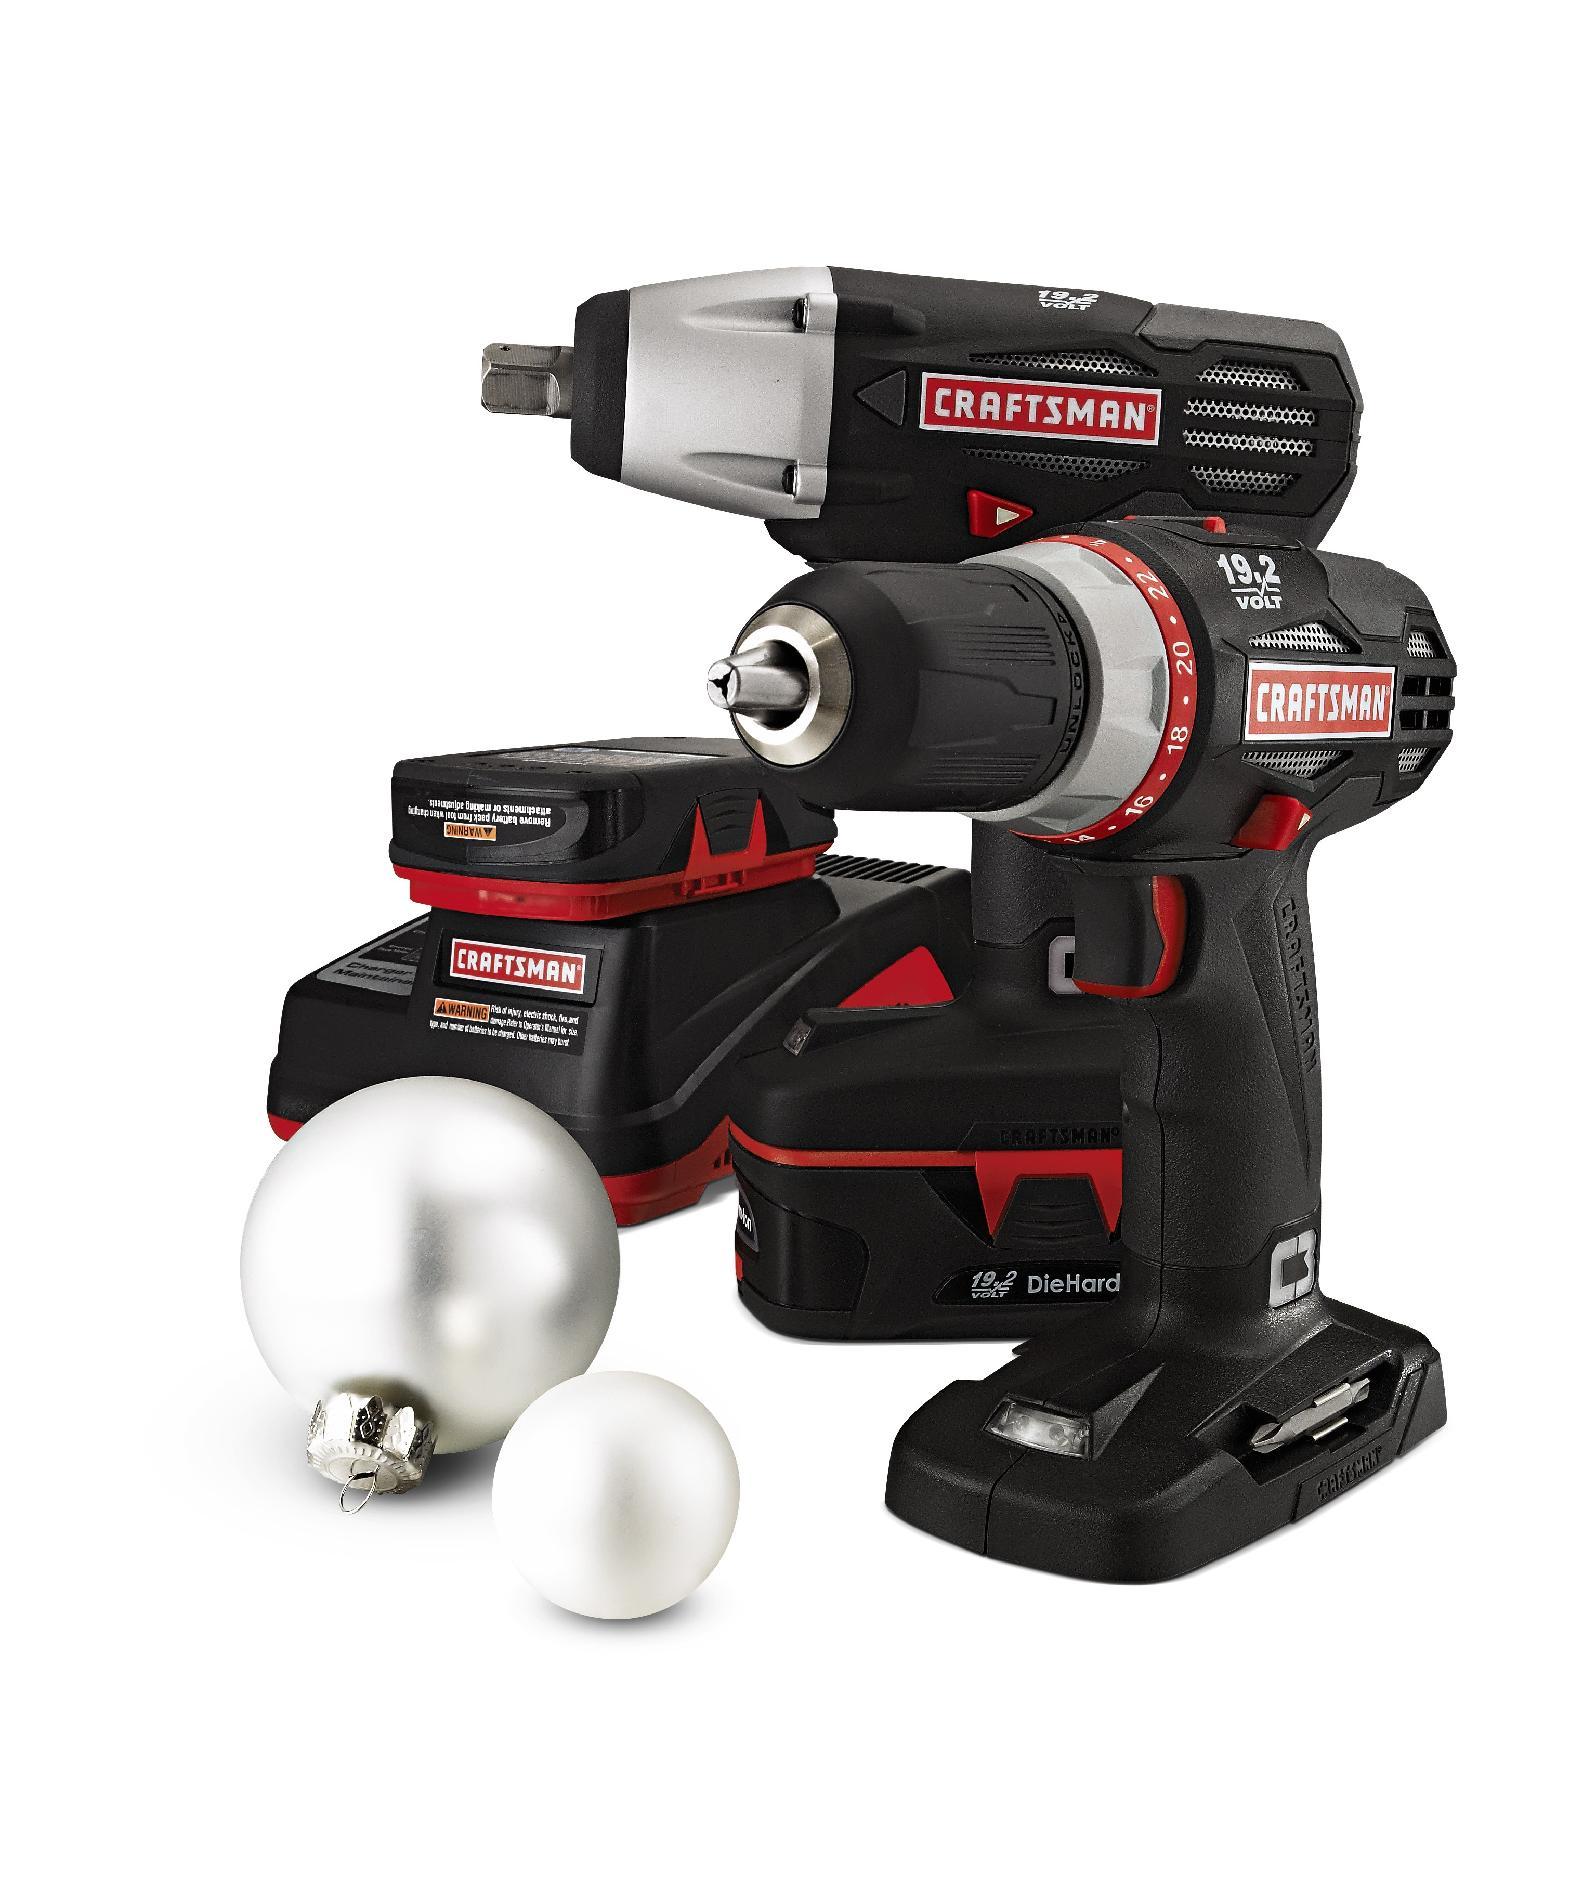 Craftsman 19.2V C3 Mechanics Combo